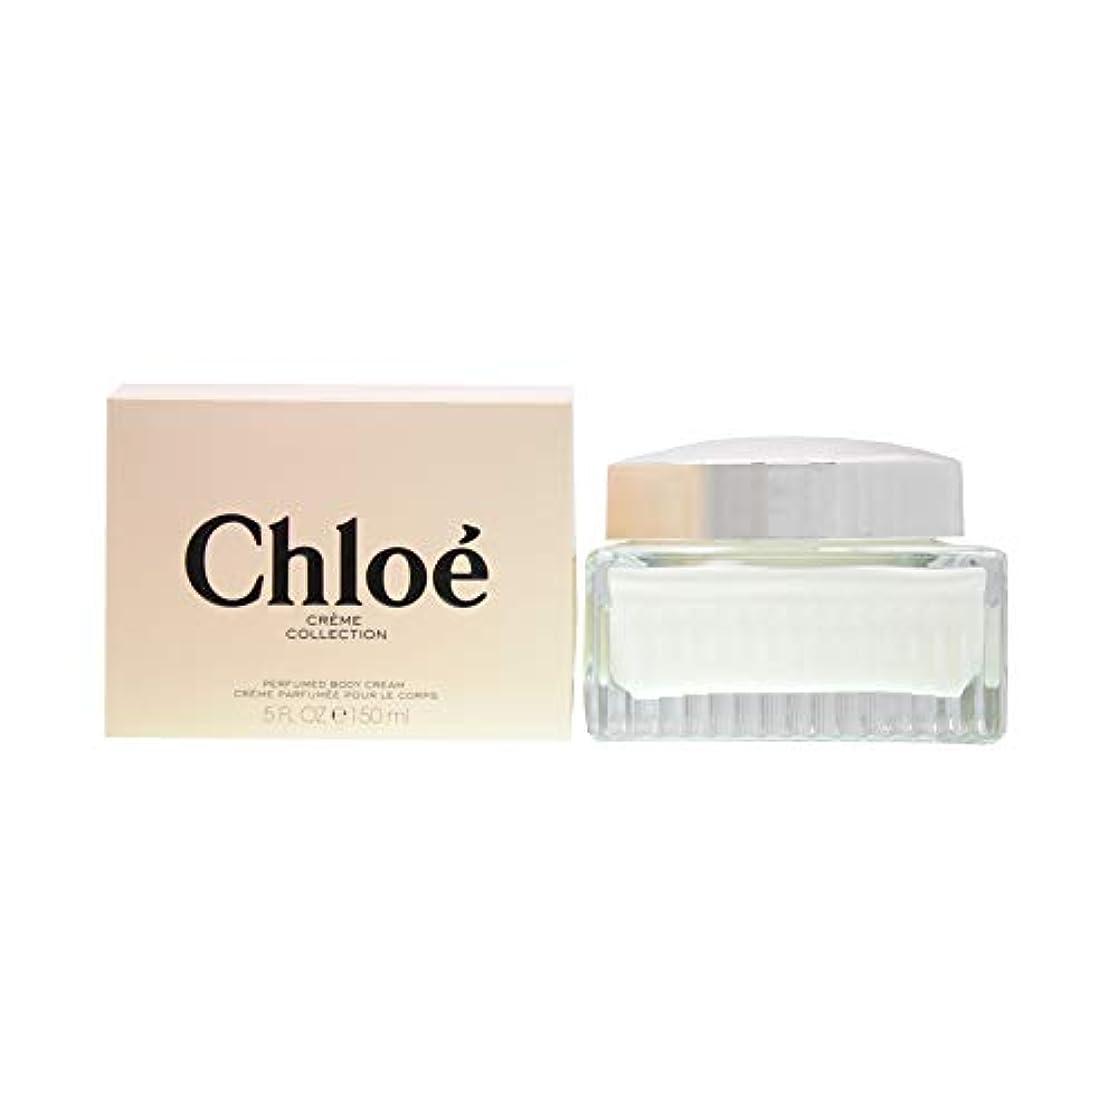 和らげるコンプリート反対にクロエ chloe パフューム ボディクリーム 150ml レディース 「クロエ オードパルファム」の香りからインスパイアされ誕生したボディークリーム [並行輸入品]